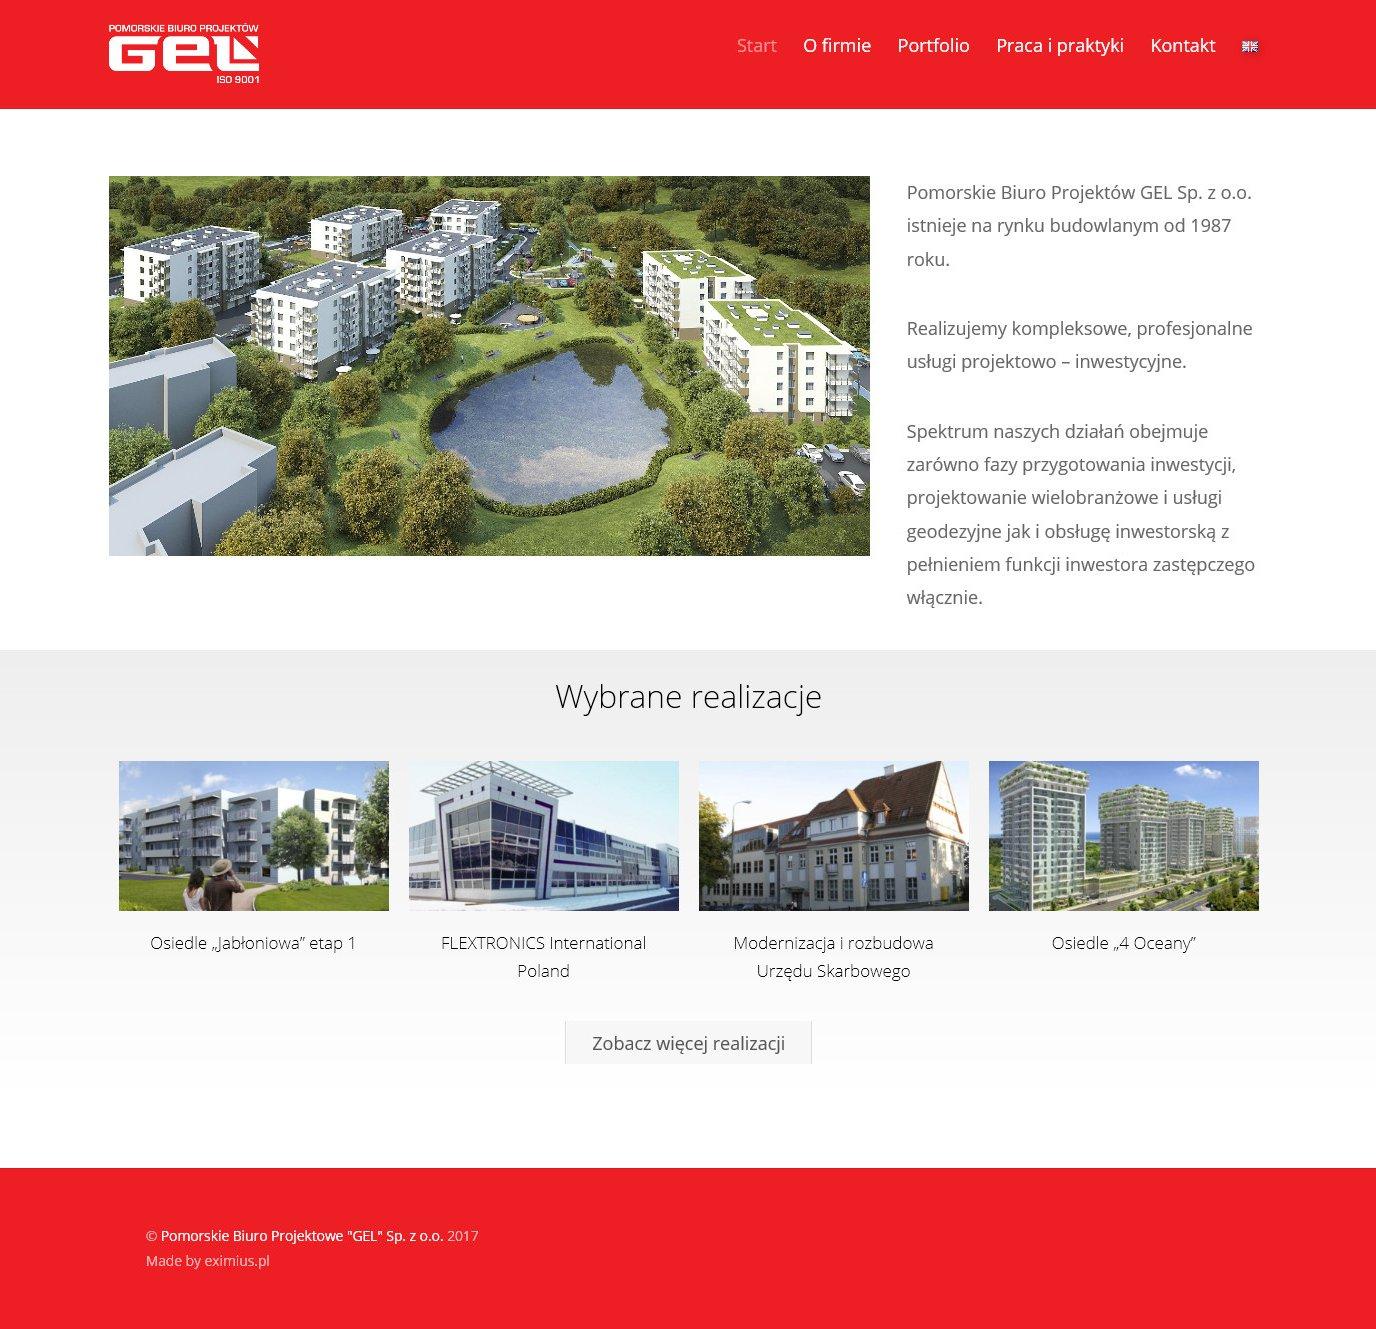 projektowanie-budowa-stron-internetowych-wordpress-responsywne-strony-www_biuro-projektowe